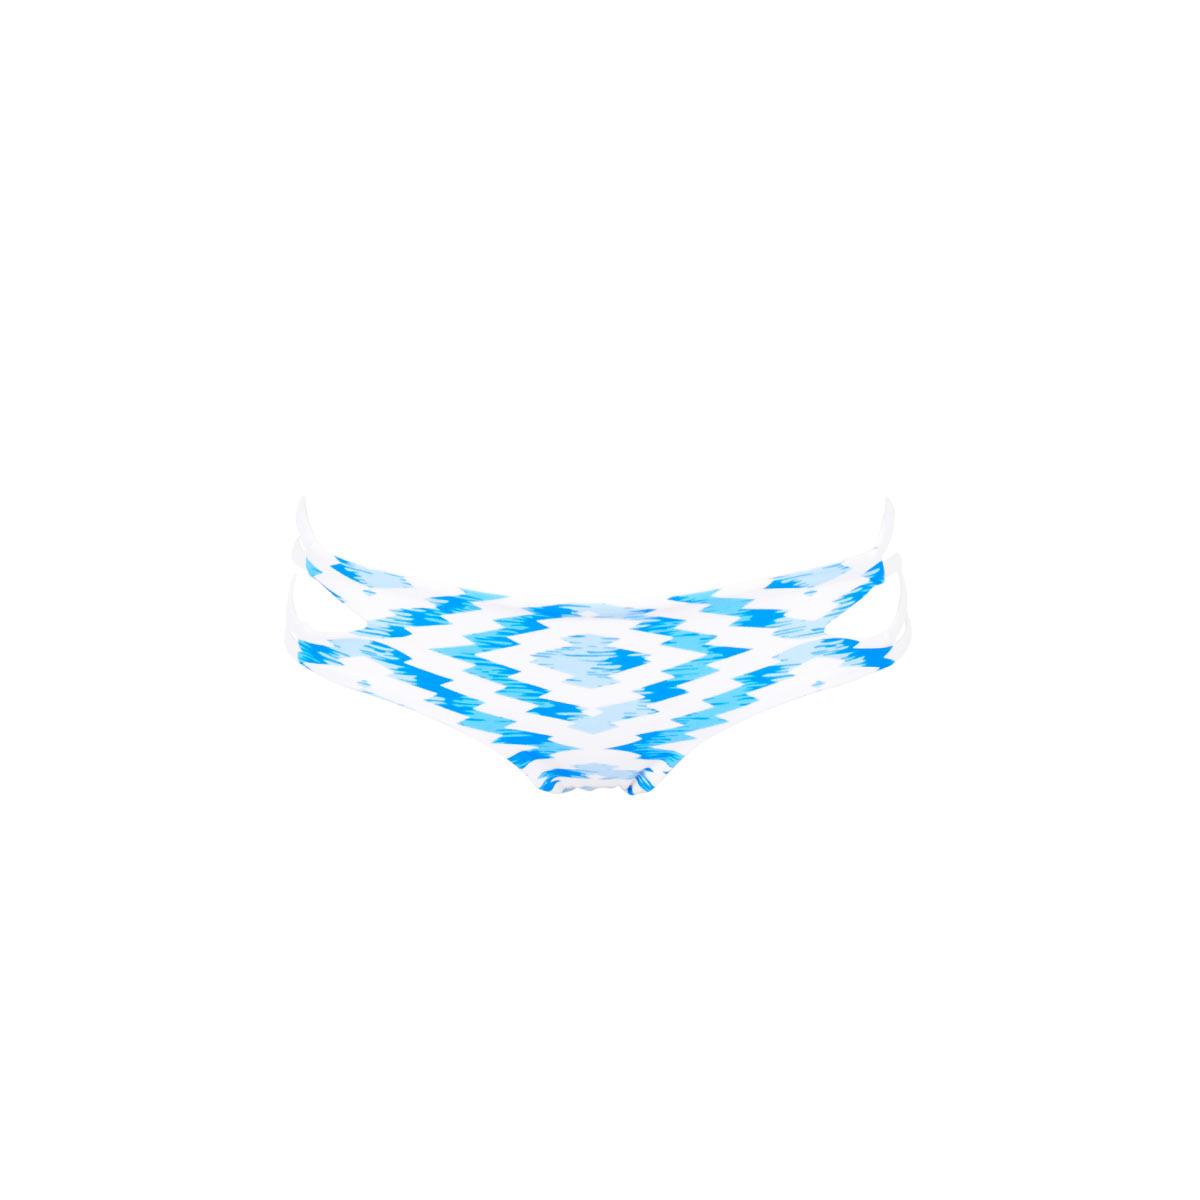 Maillot de bain tanga bleu réversible Florence (Bas)